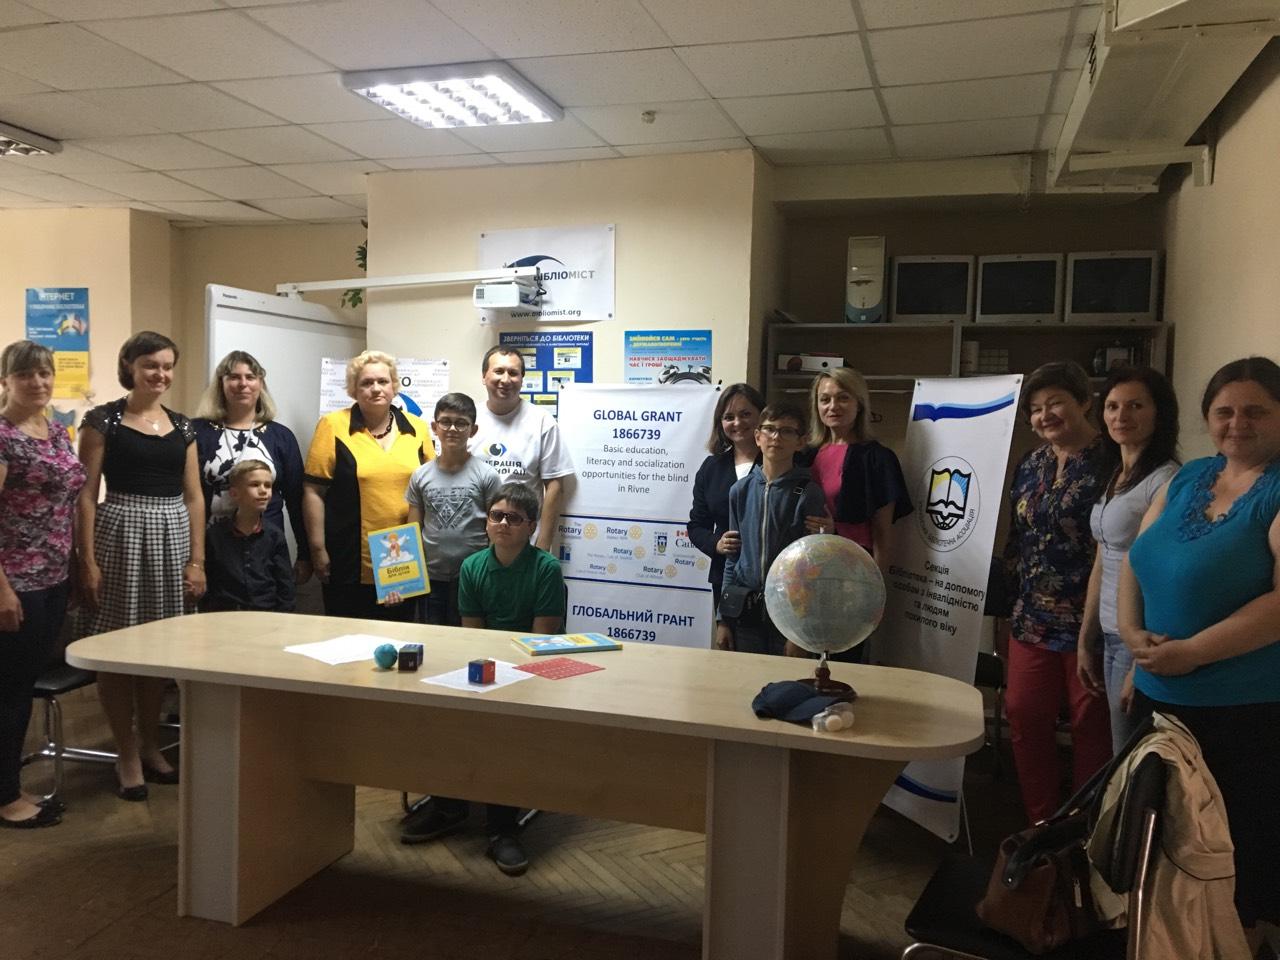 Відбулася презентація корекційних та реабілітаційних засобів для полегшення навчання дітей з інвалідністю по зору.